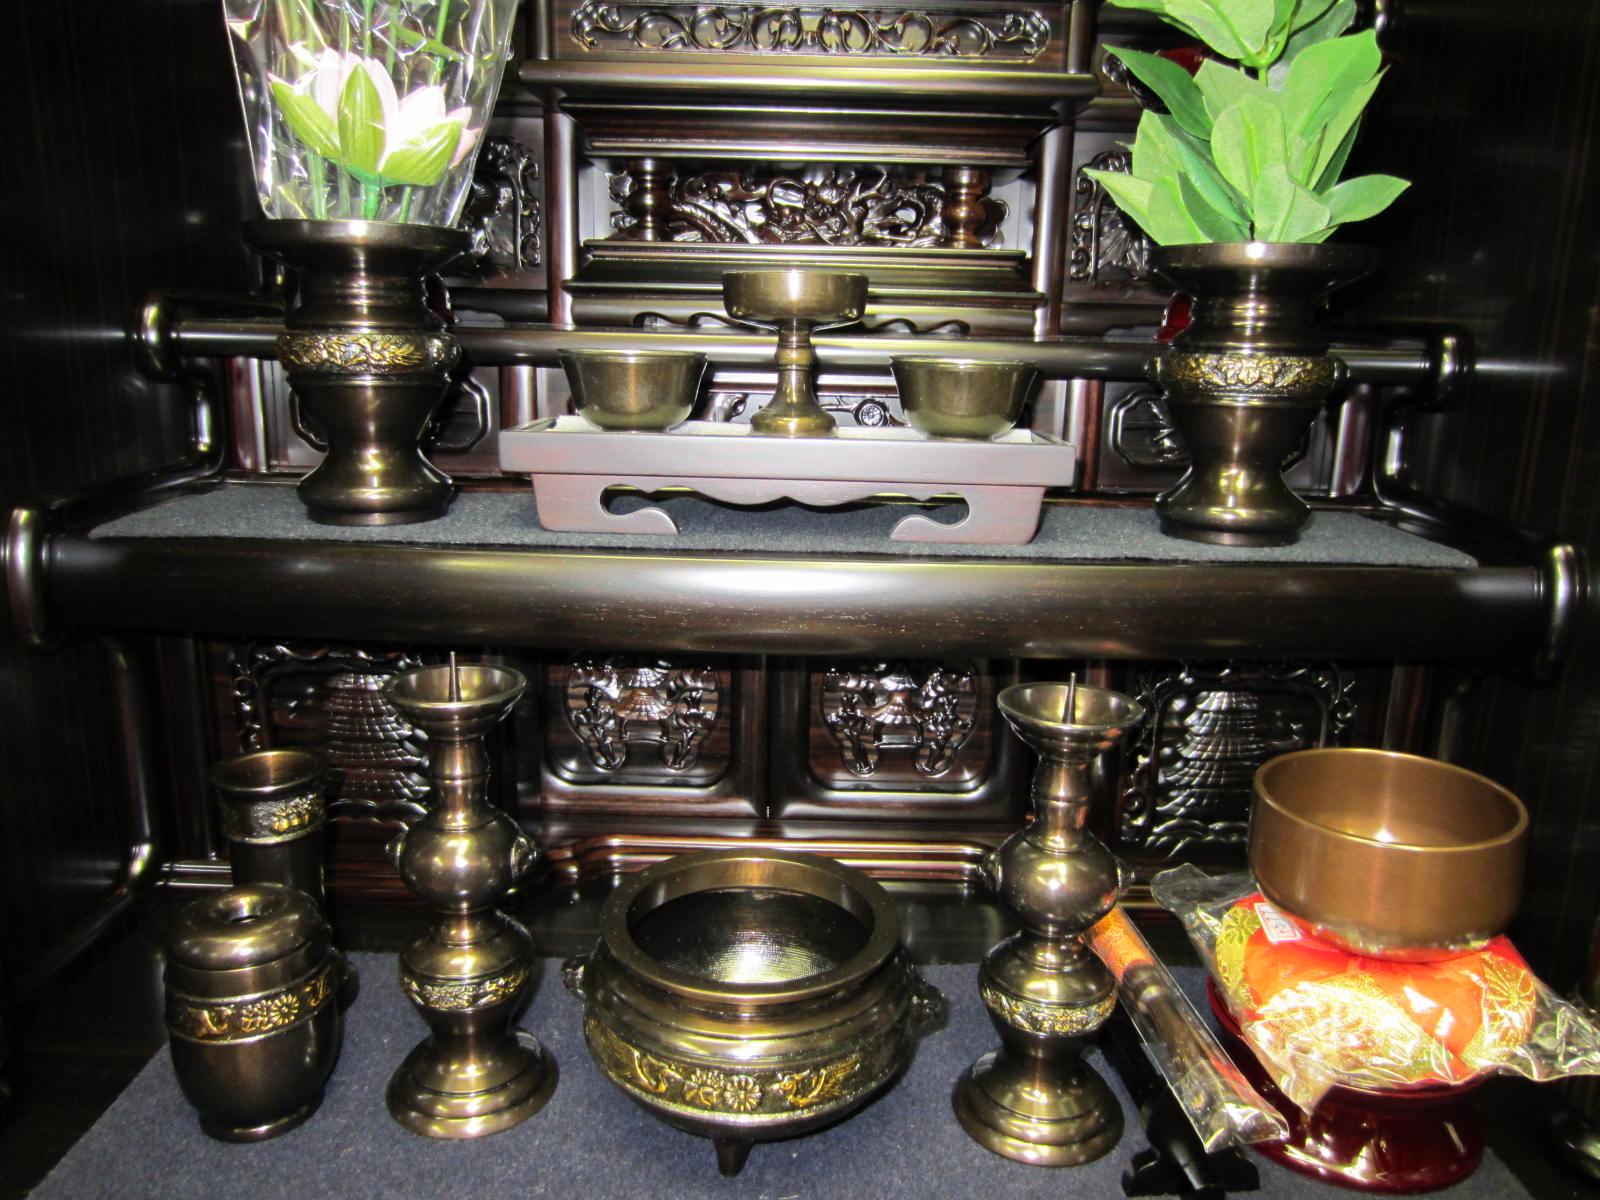 金物仏具・陶器仏具もお好みで 香炉、花立、ローソク立からお茶碗、霊...  浜松市田町 仏壇・仏